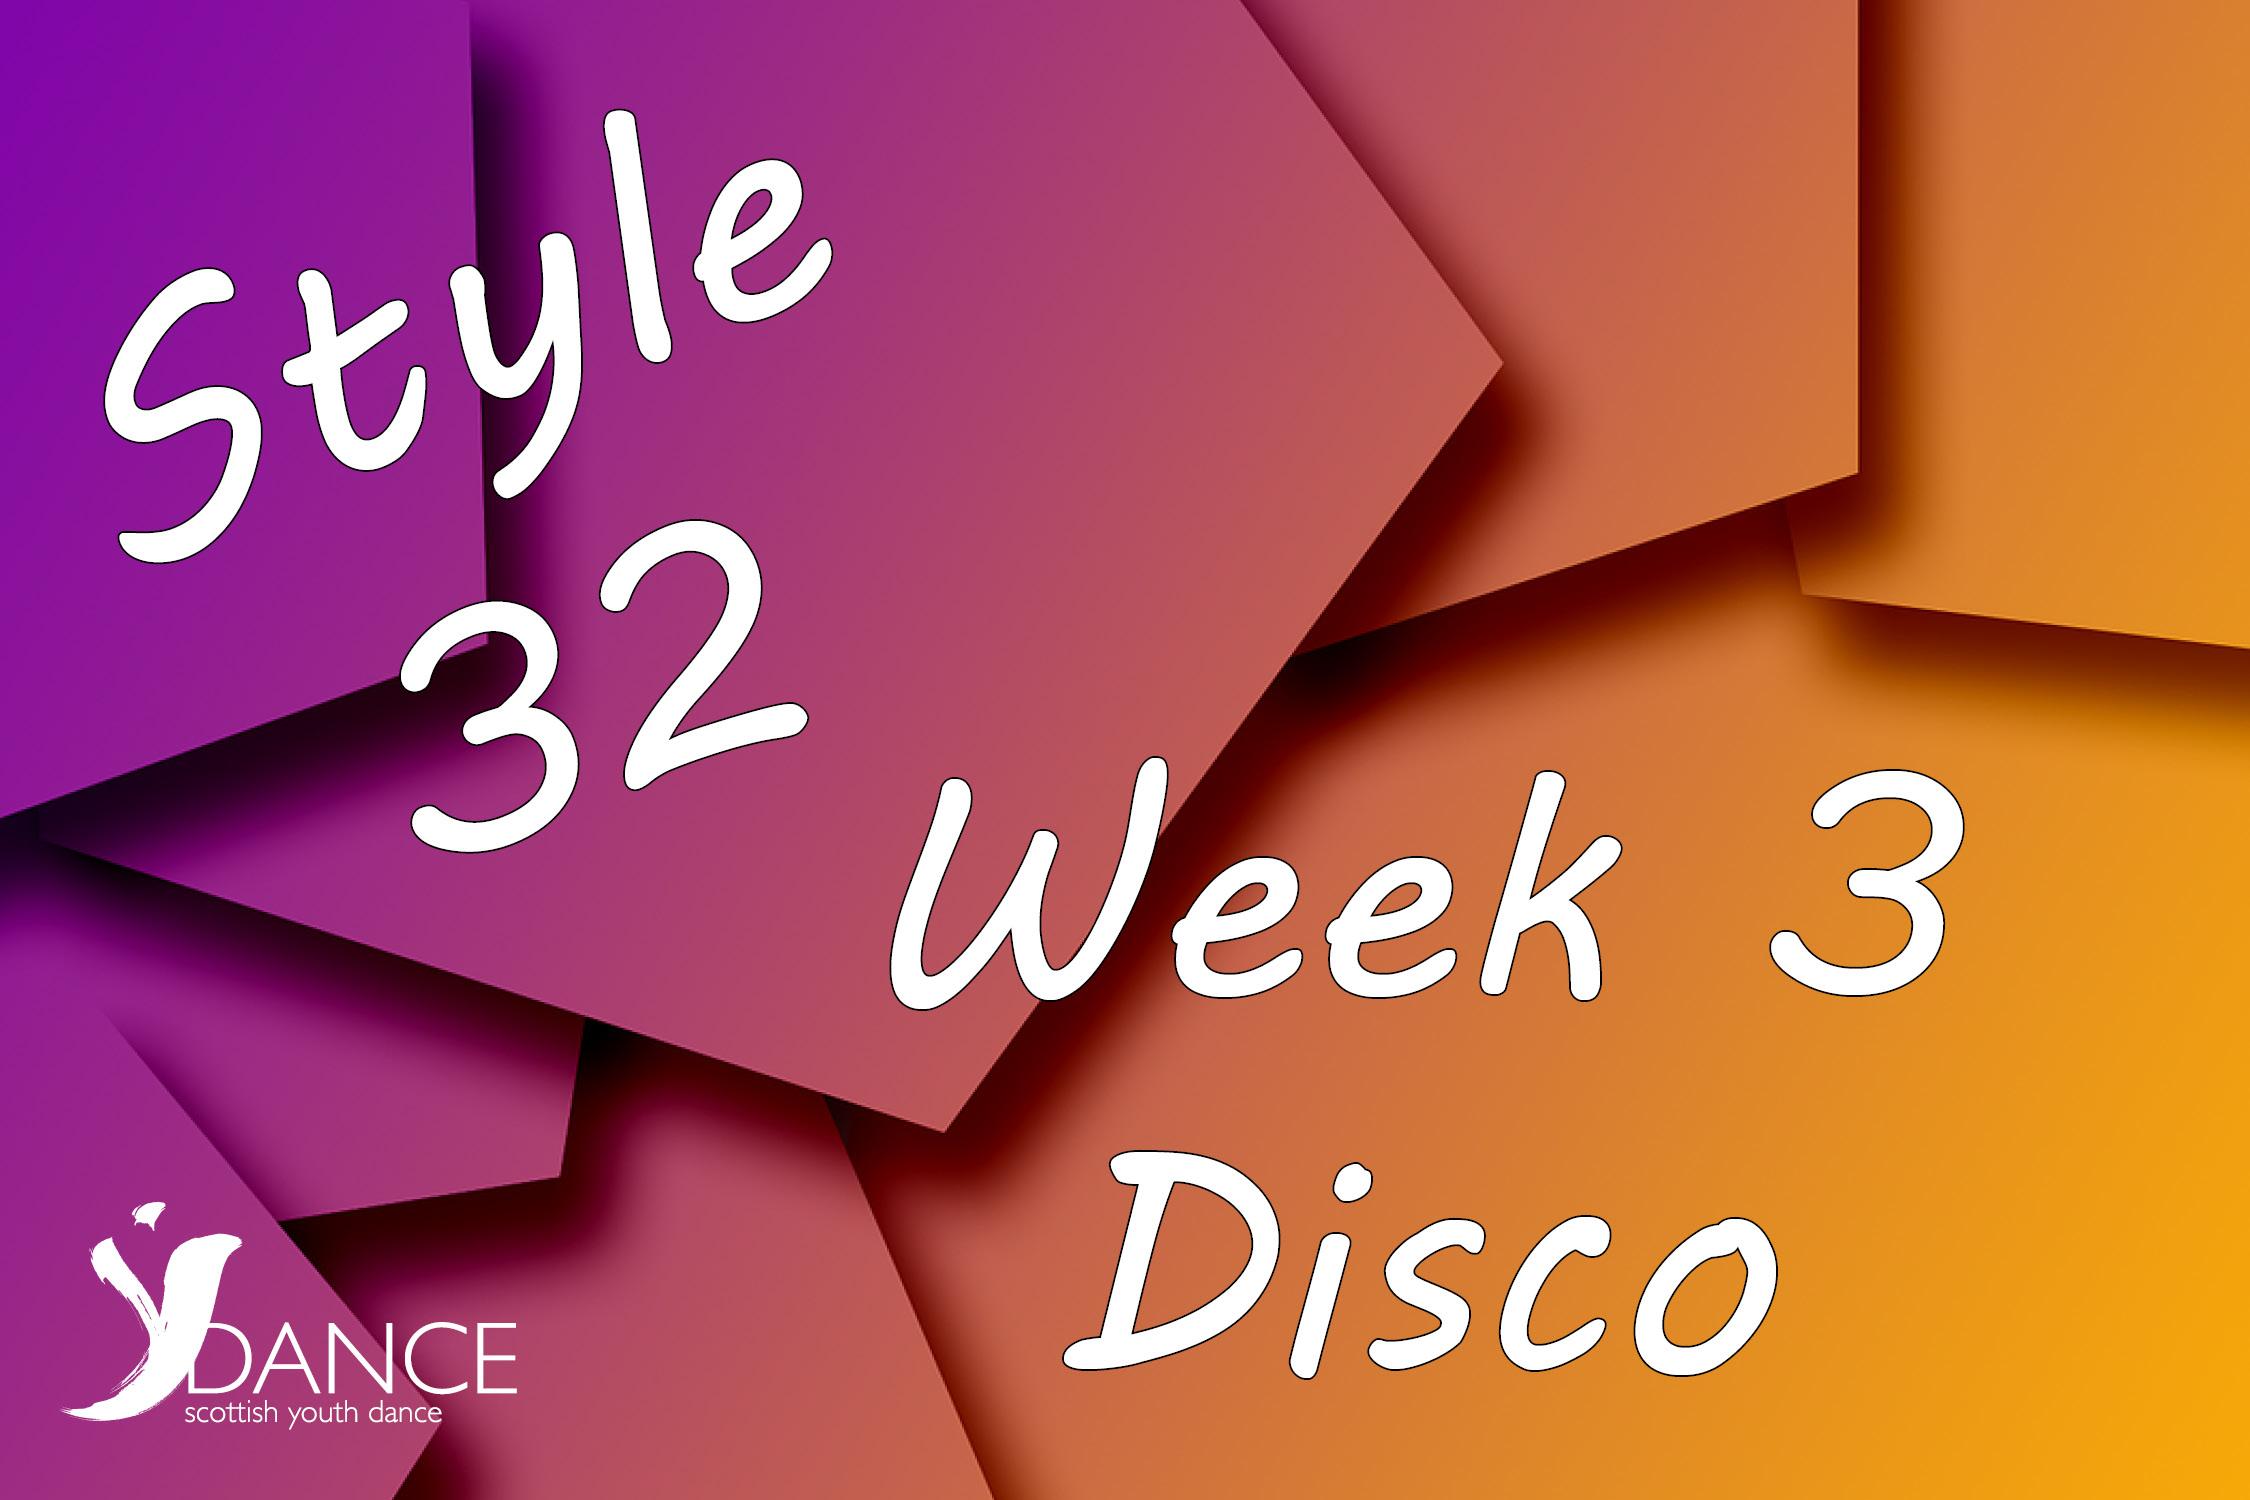 Style32 - Wk3 - Disco